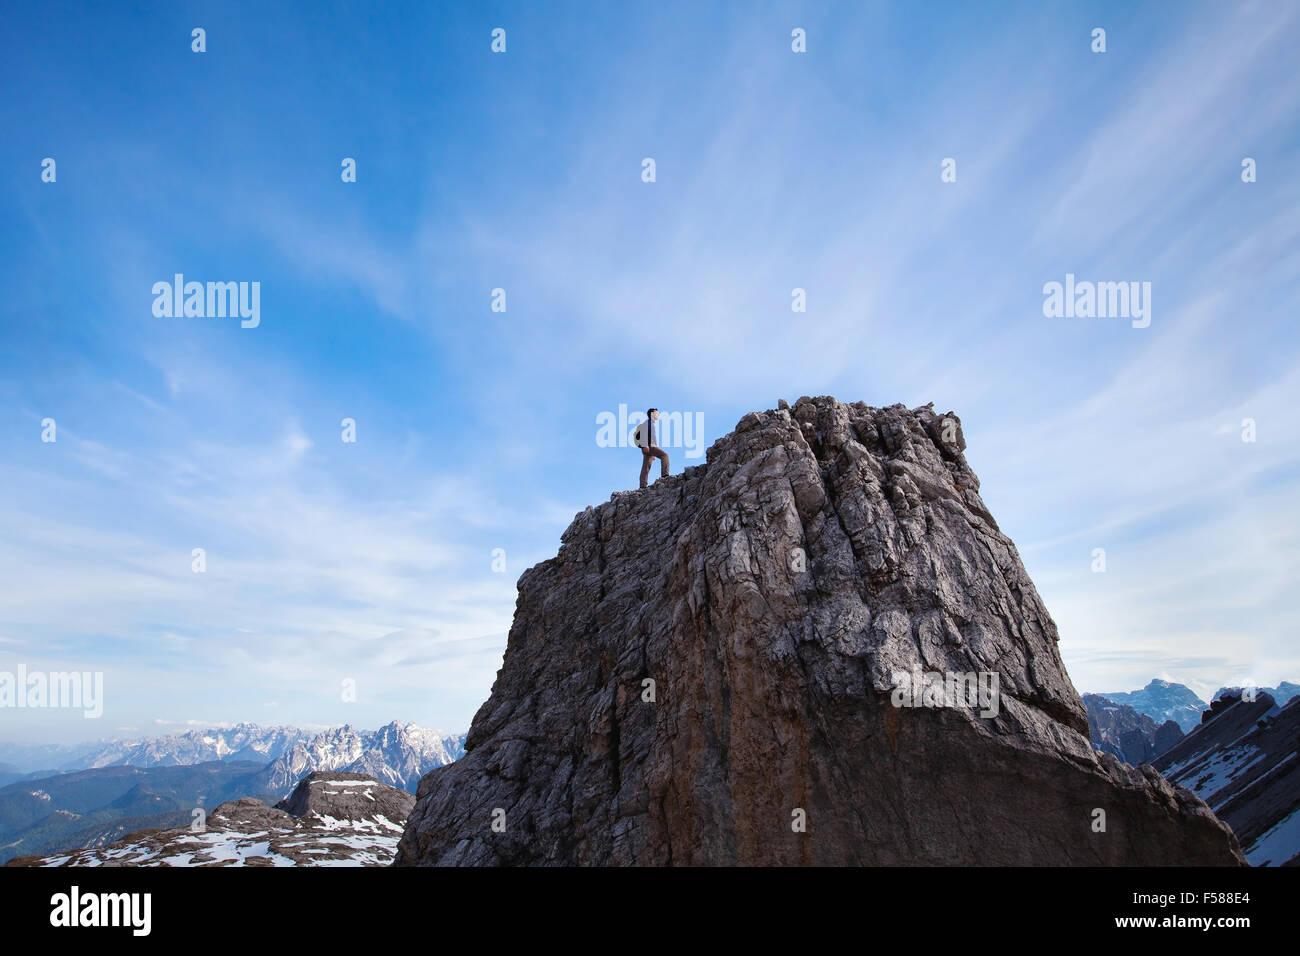 Concepto de logro, escalador en la cima de la montaña. Imagen De Stock